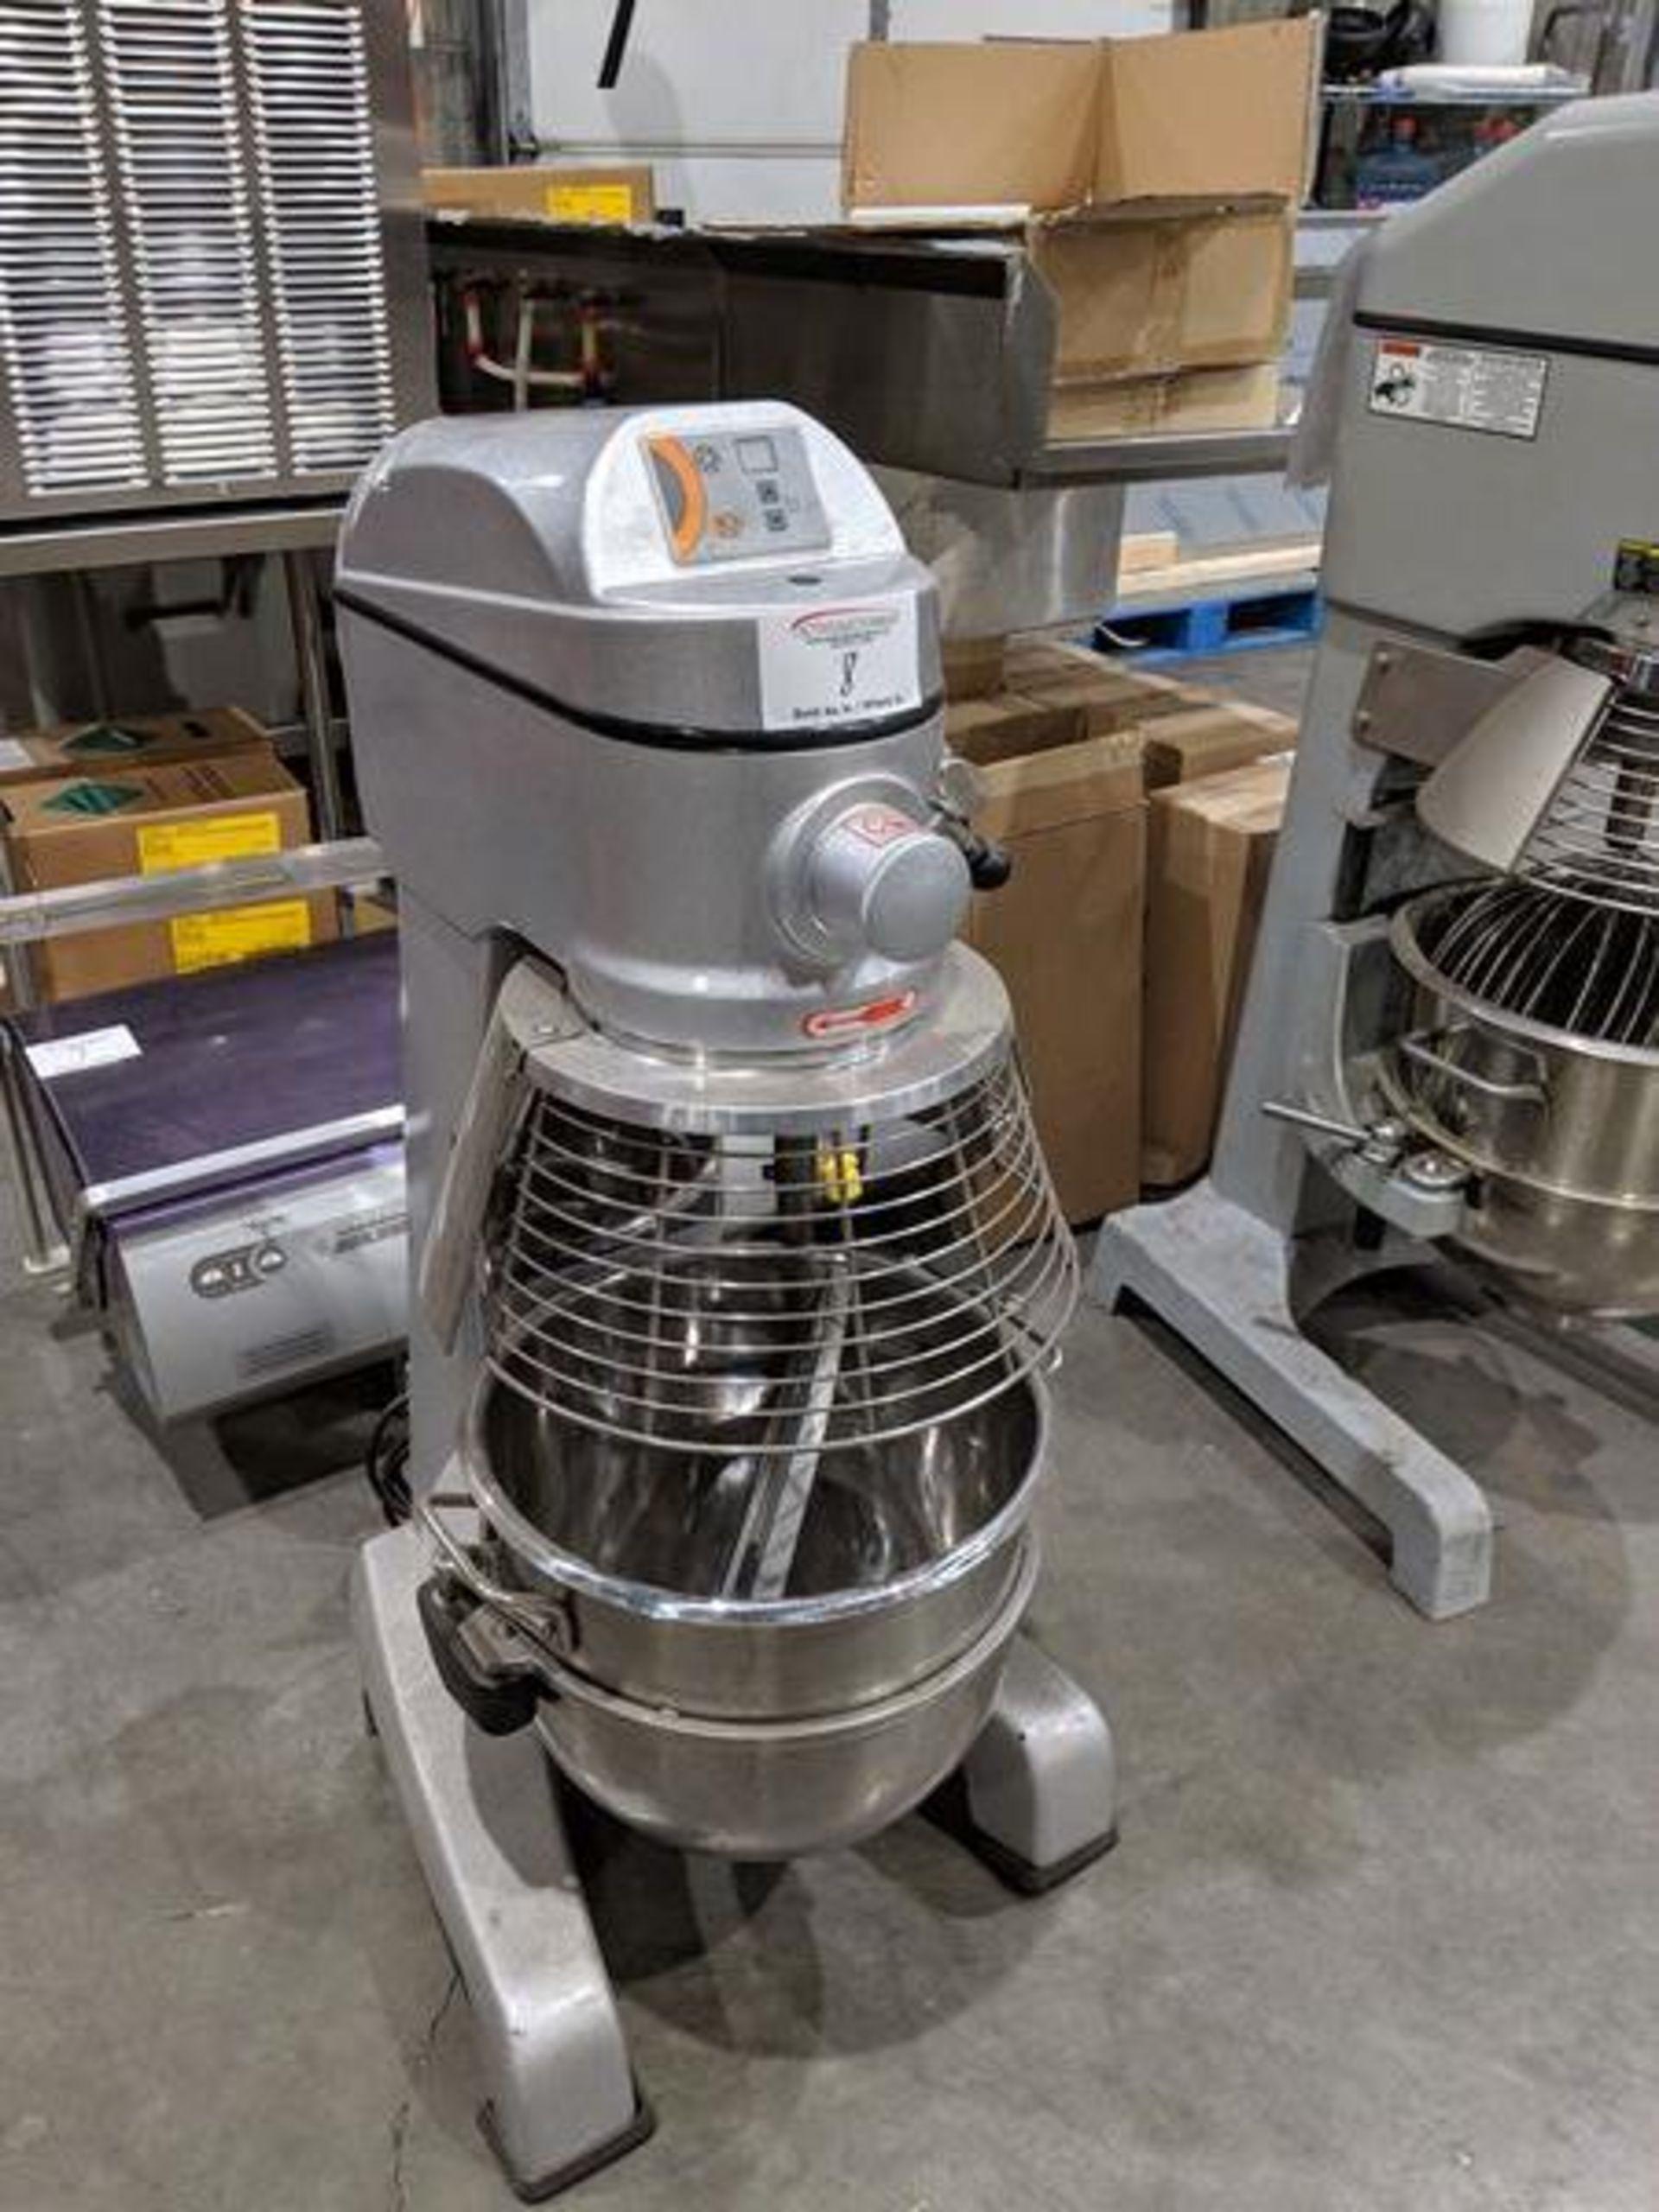 Lot 8 - Axis 30 Quart Mixer with Bowl Guard